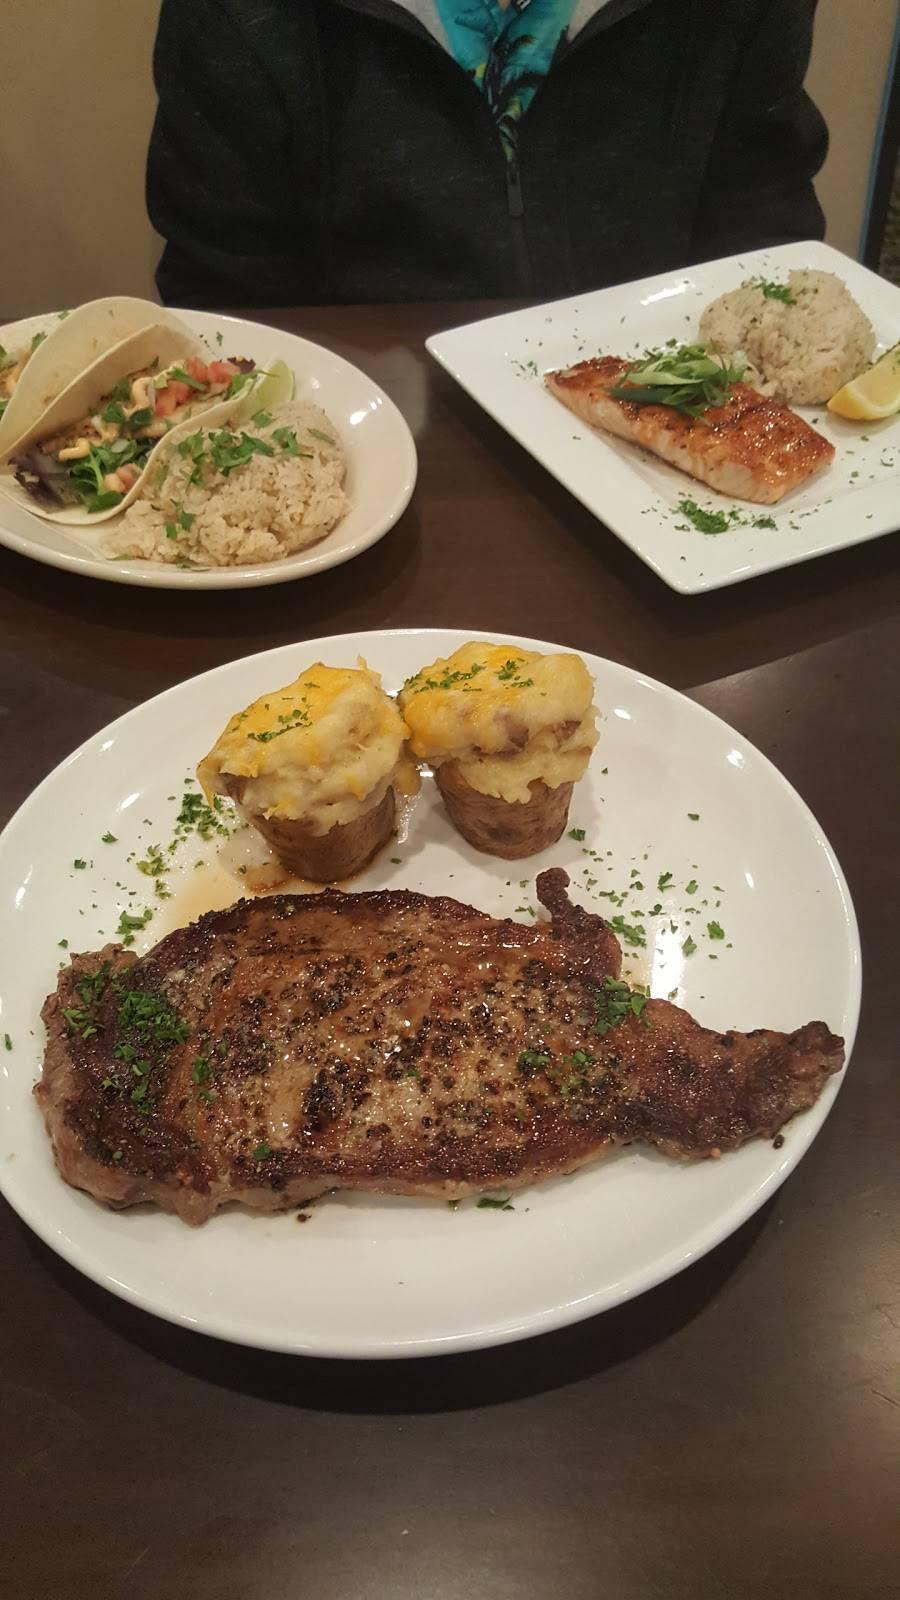 KJs Steakhouse | restaurant | 10950 S Cleveland Ave, Fort Myers, FL 33907, USA | 2392754745 OR +1 239-275-4745